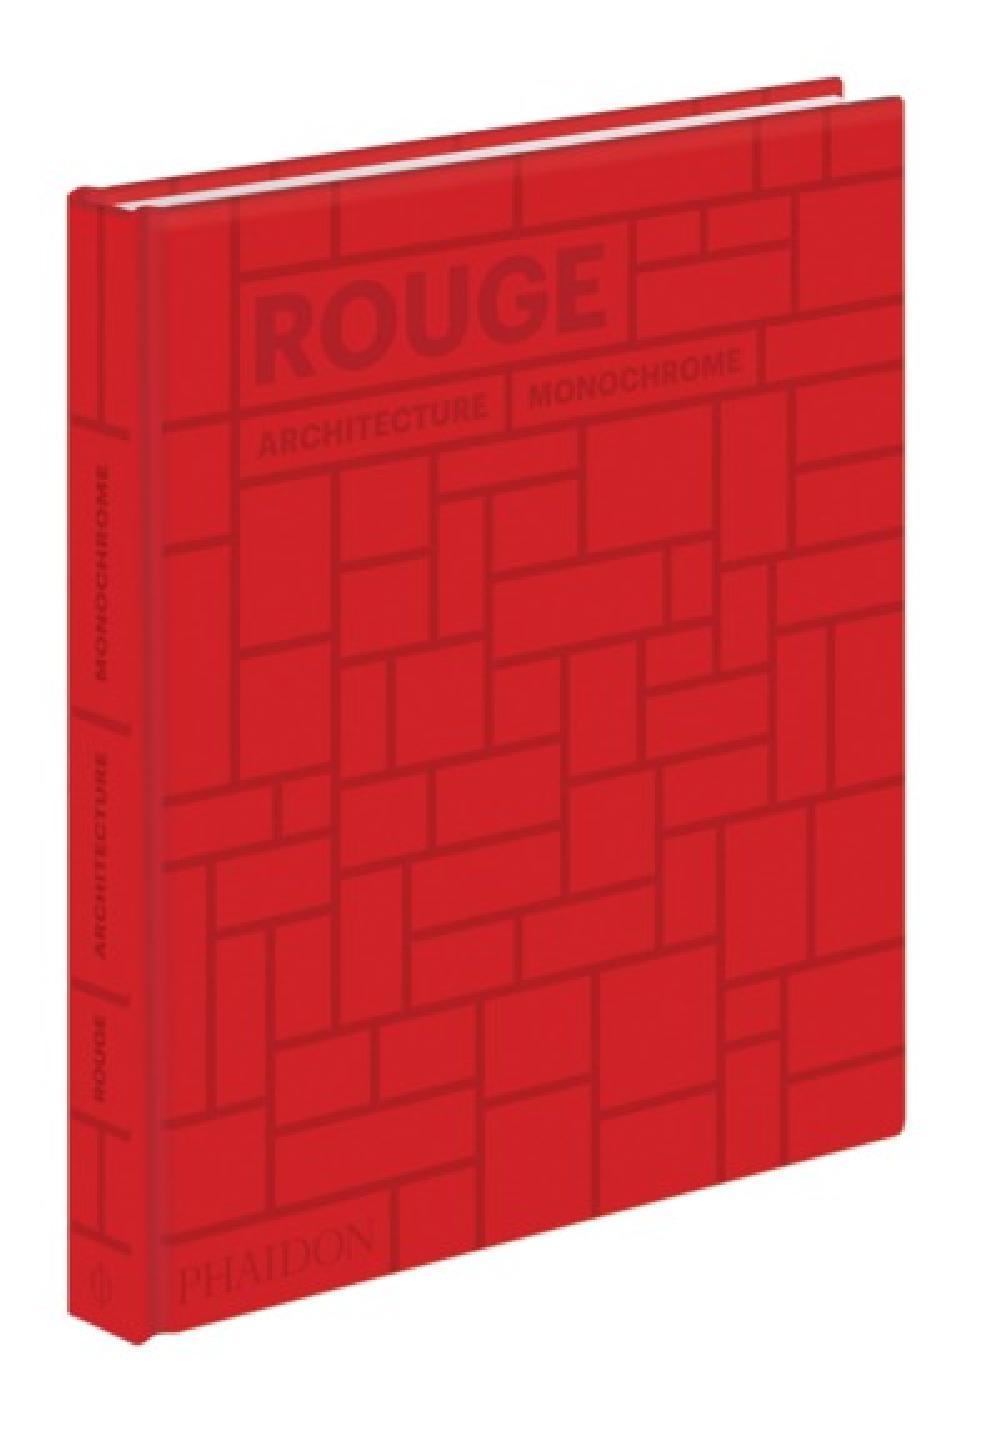 Rouge - Architecture monochrome